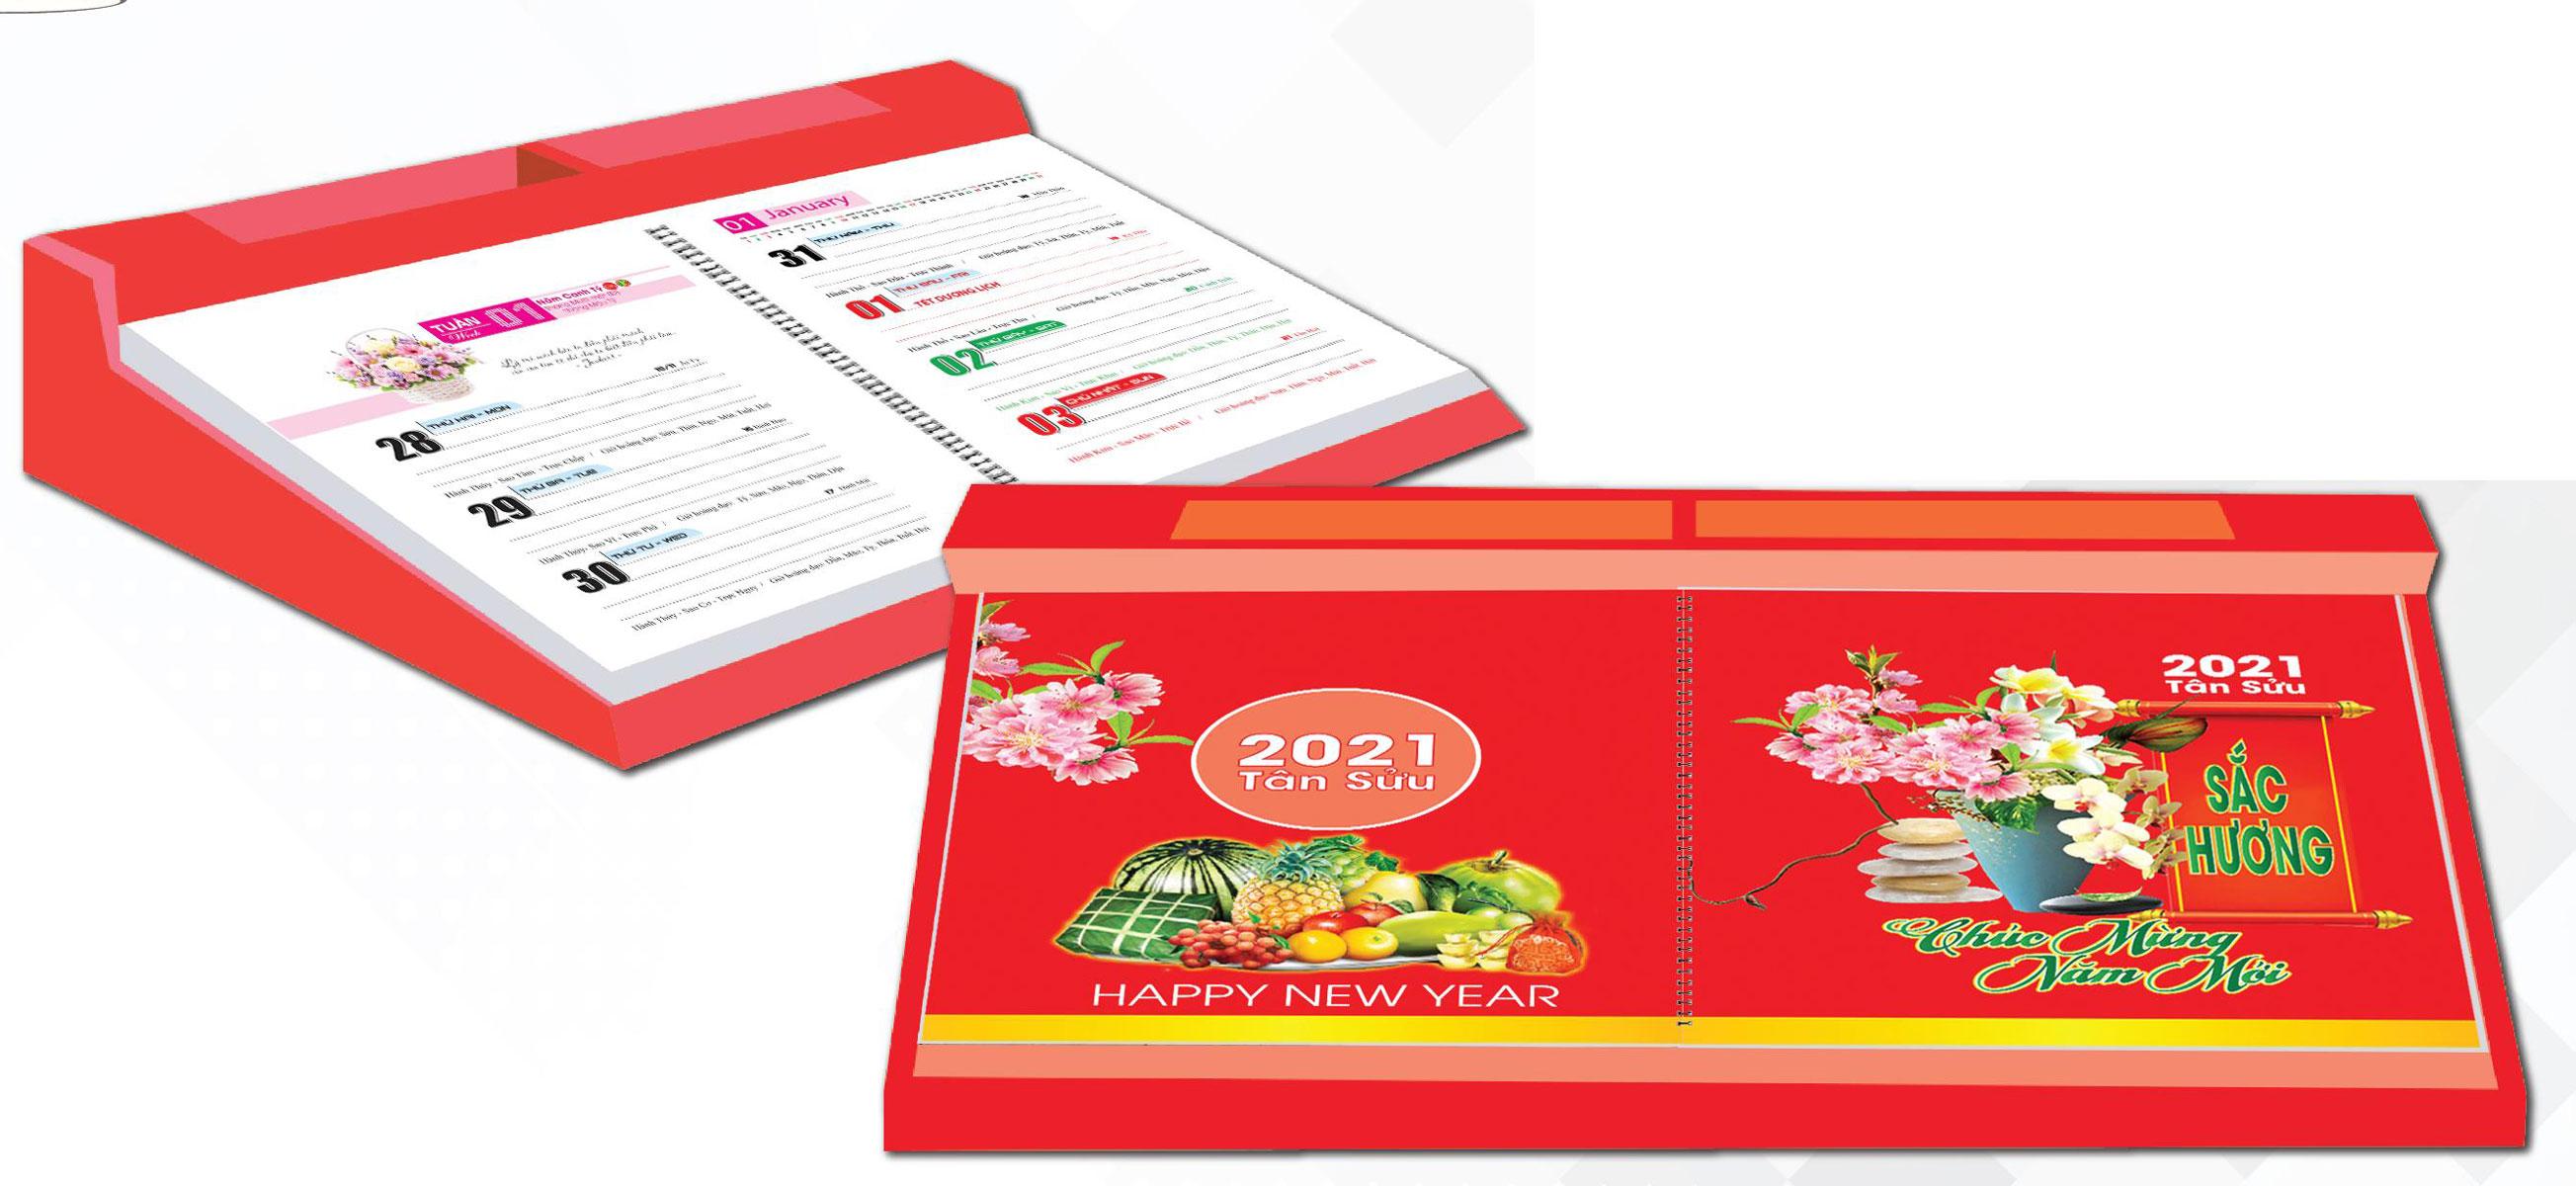 Lịch Để Bàn 2021 53 Tuần Đế Nhựa (14x27 cm) - Sắc Hương - NS28